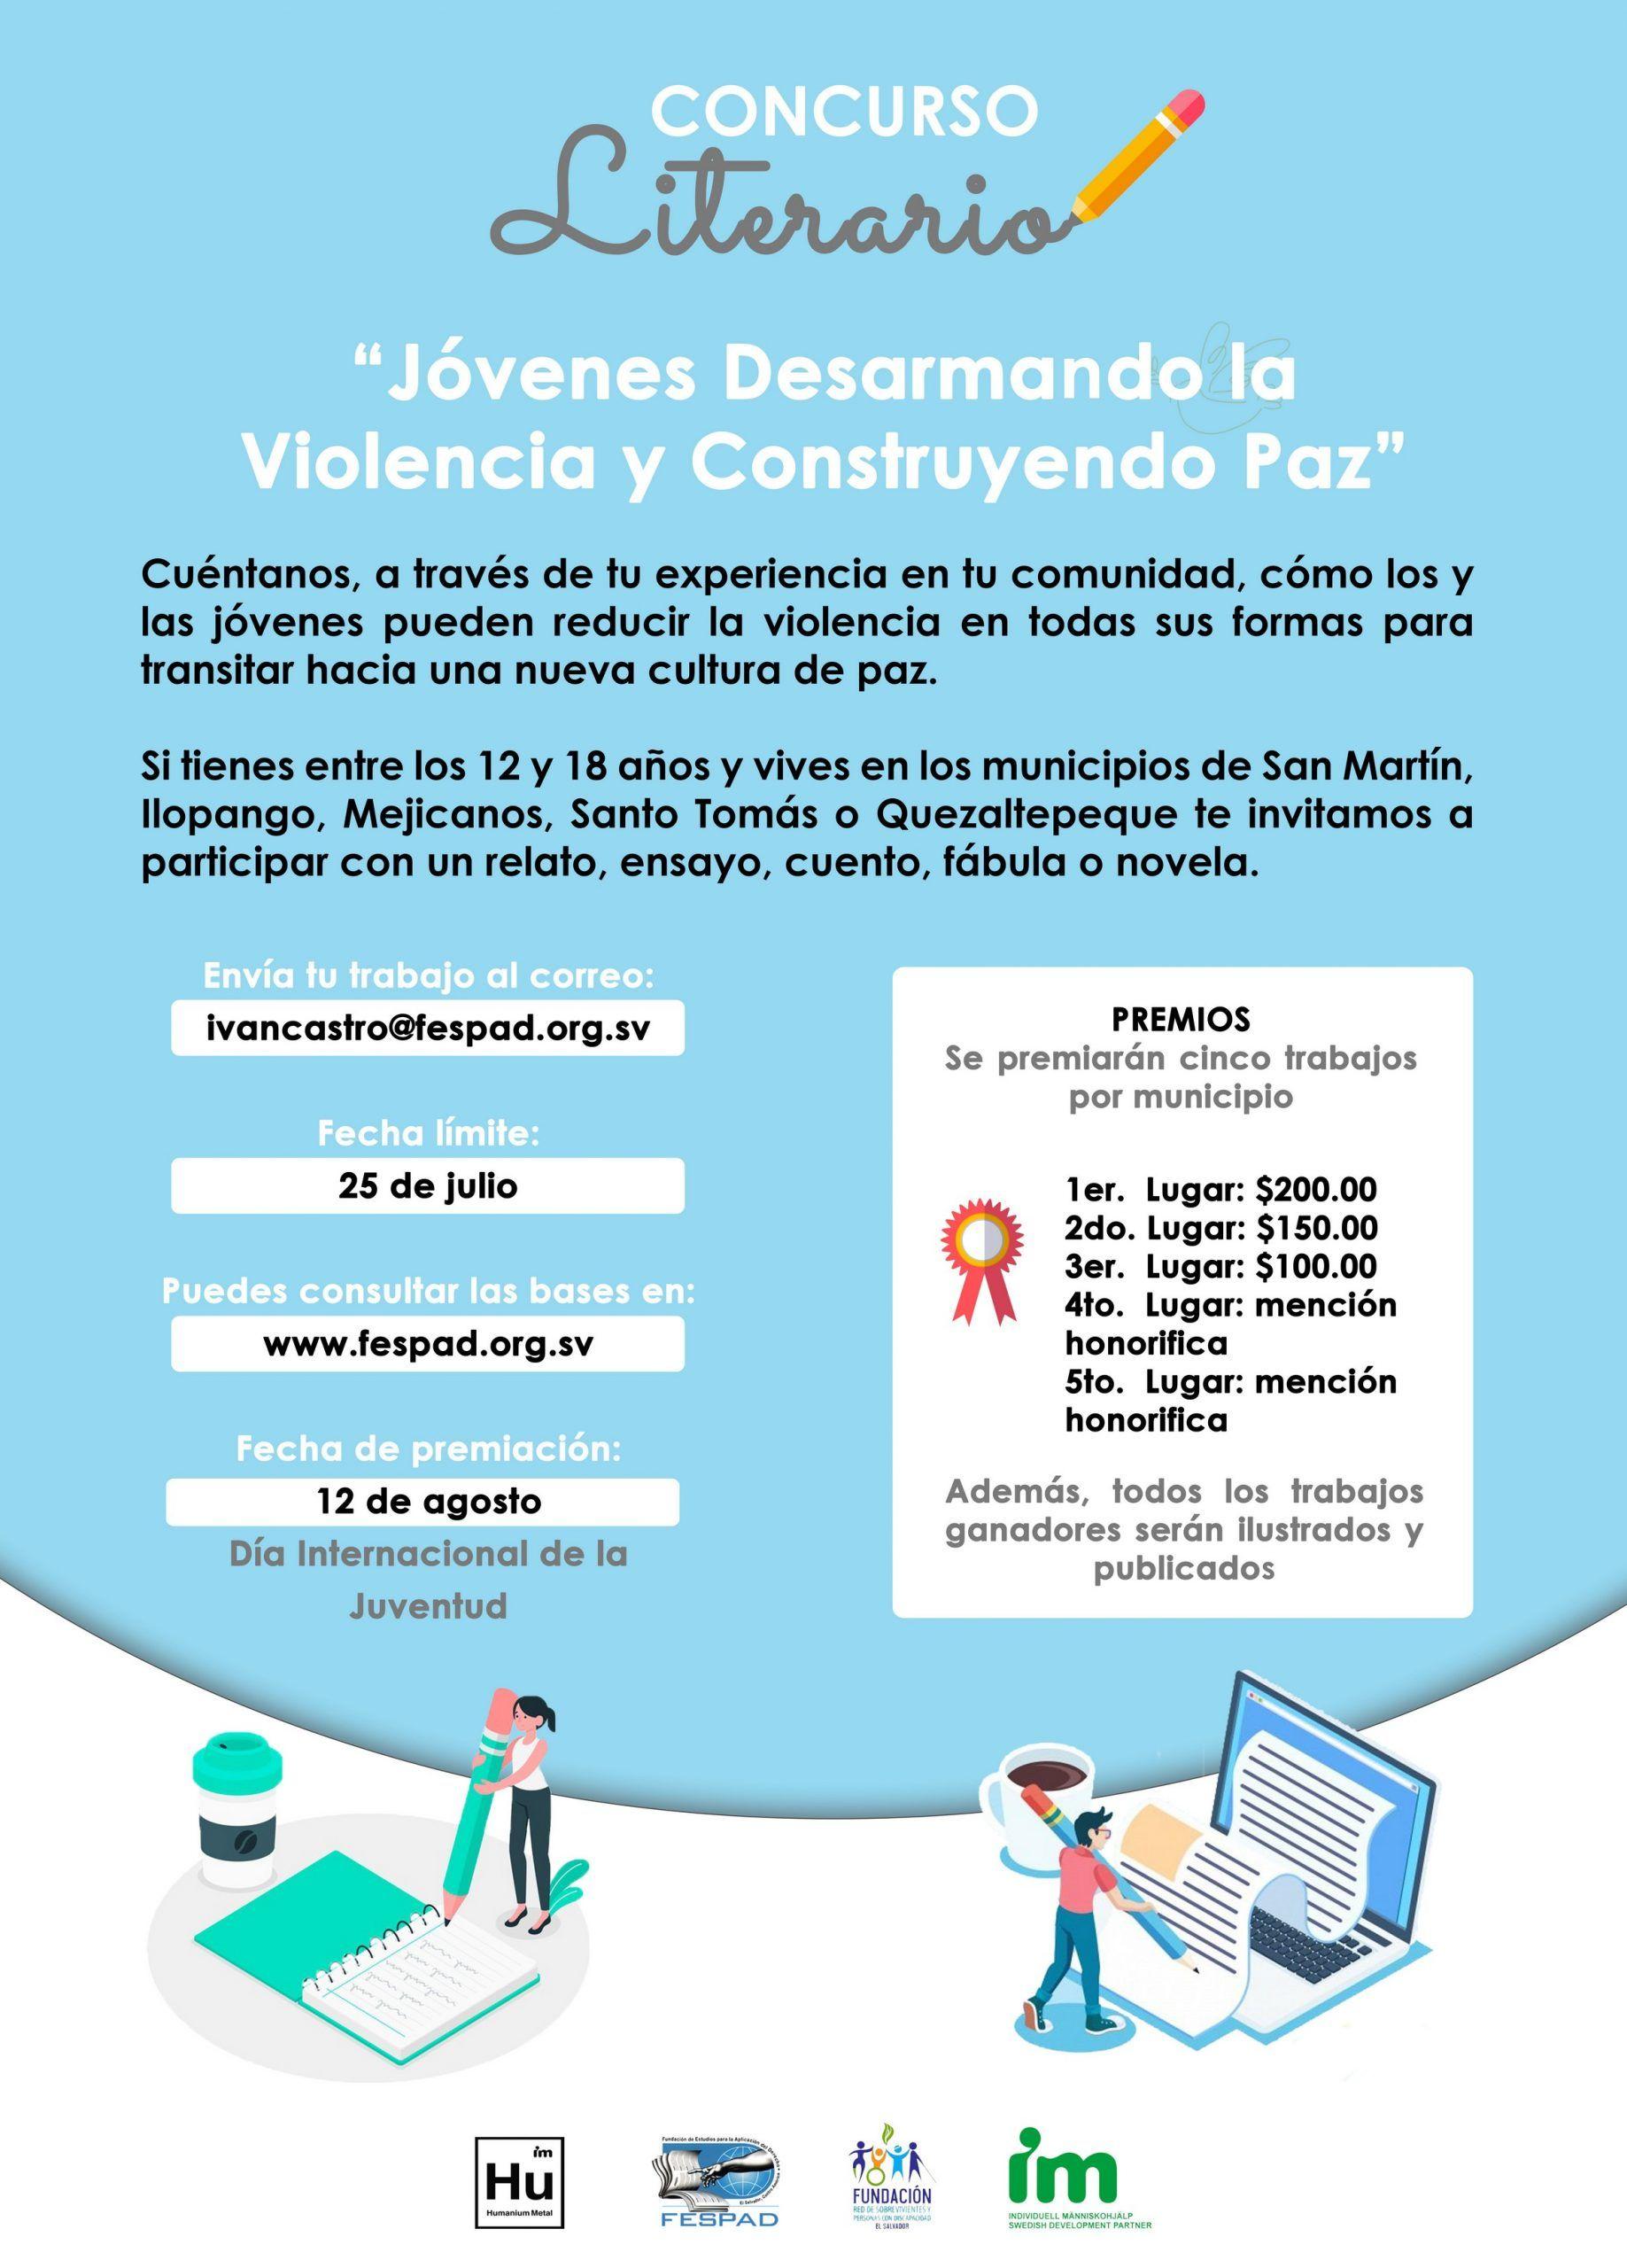 Concurso literario: «Jóvenes Desarmando la Violencia y Construyendo Paz».